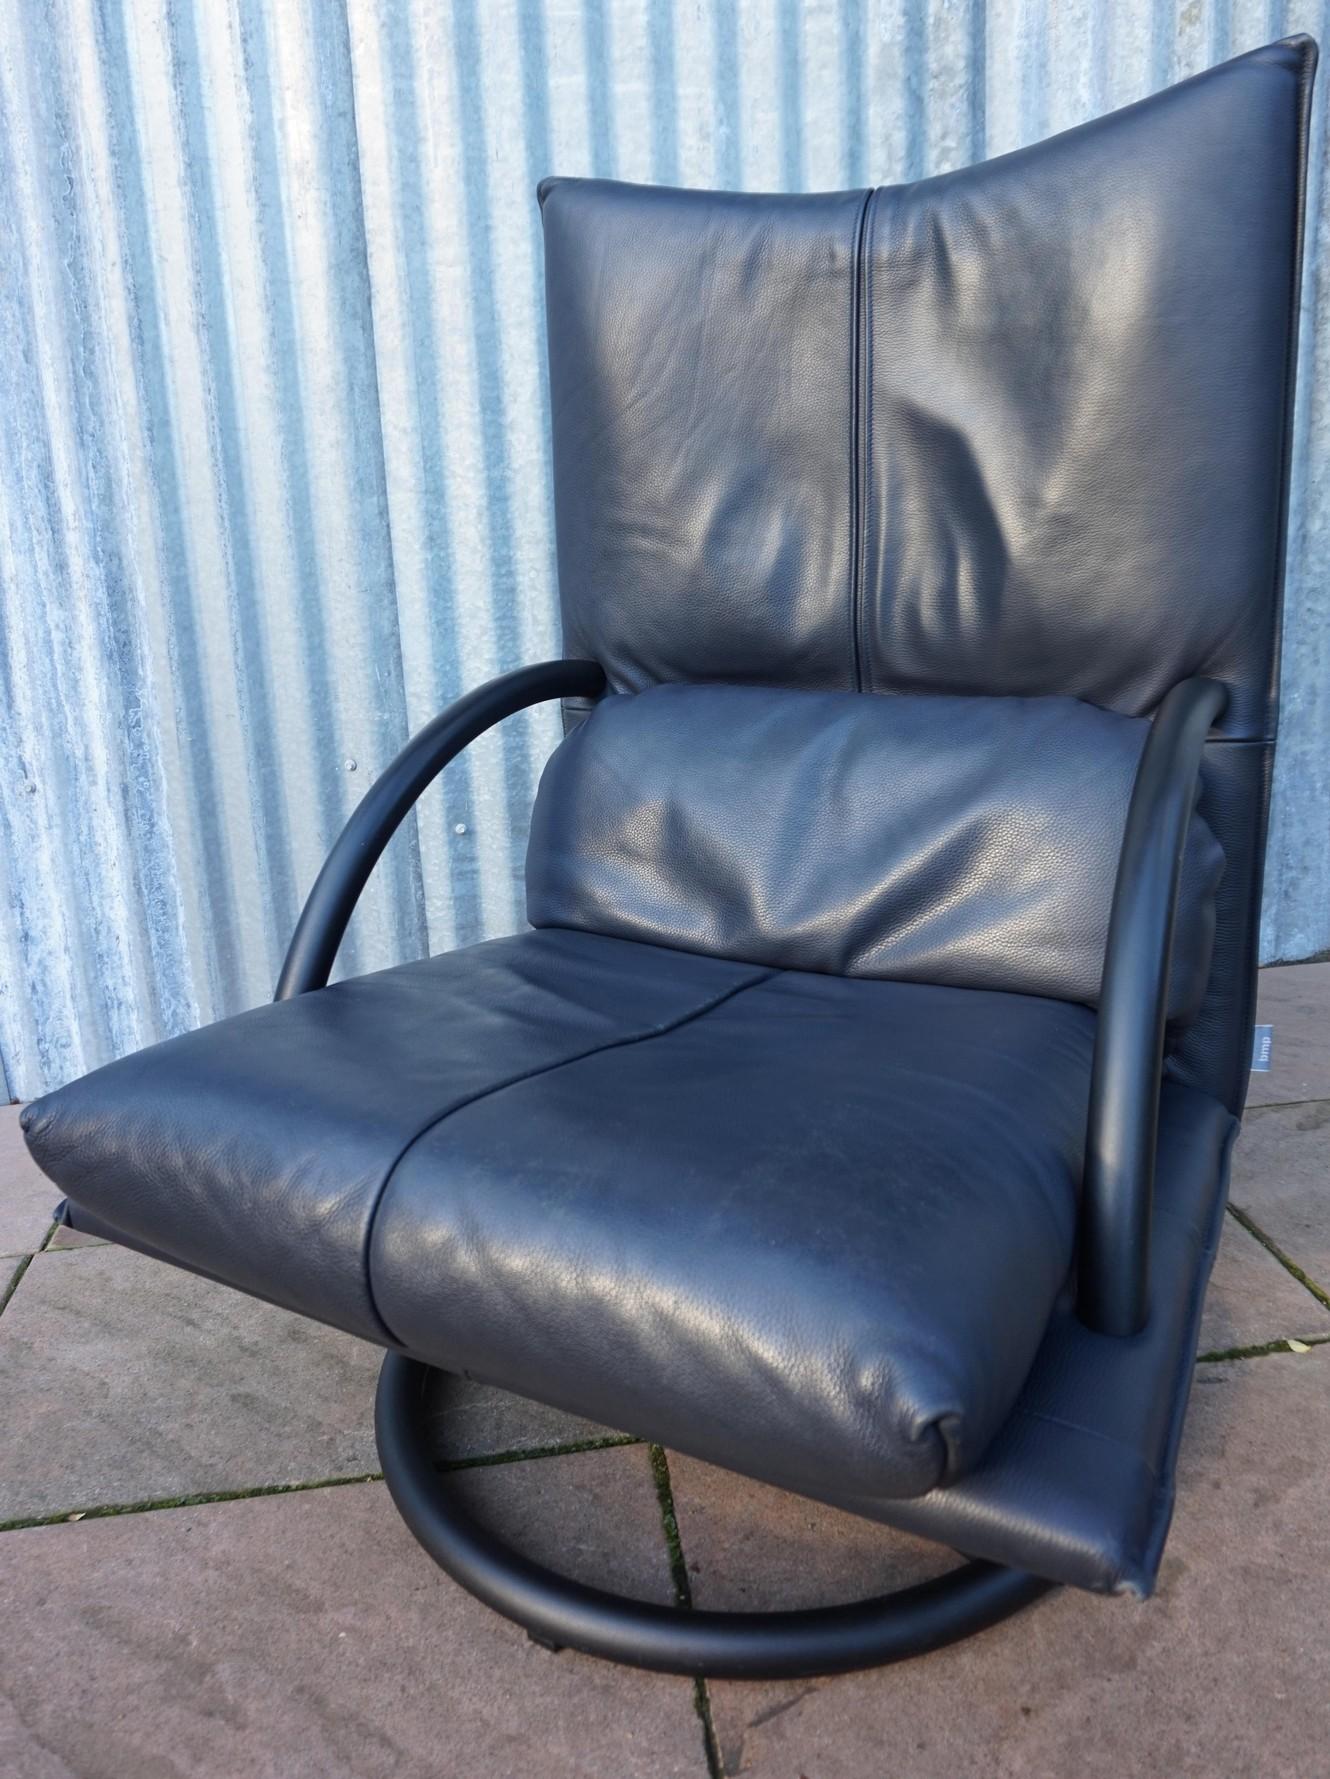 nieuw vintage leren bmp fauteuil rolf benz. Black Bedroom Furniture Sets. Home Design Ideas